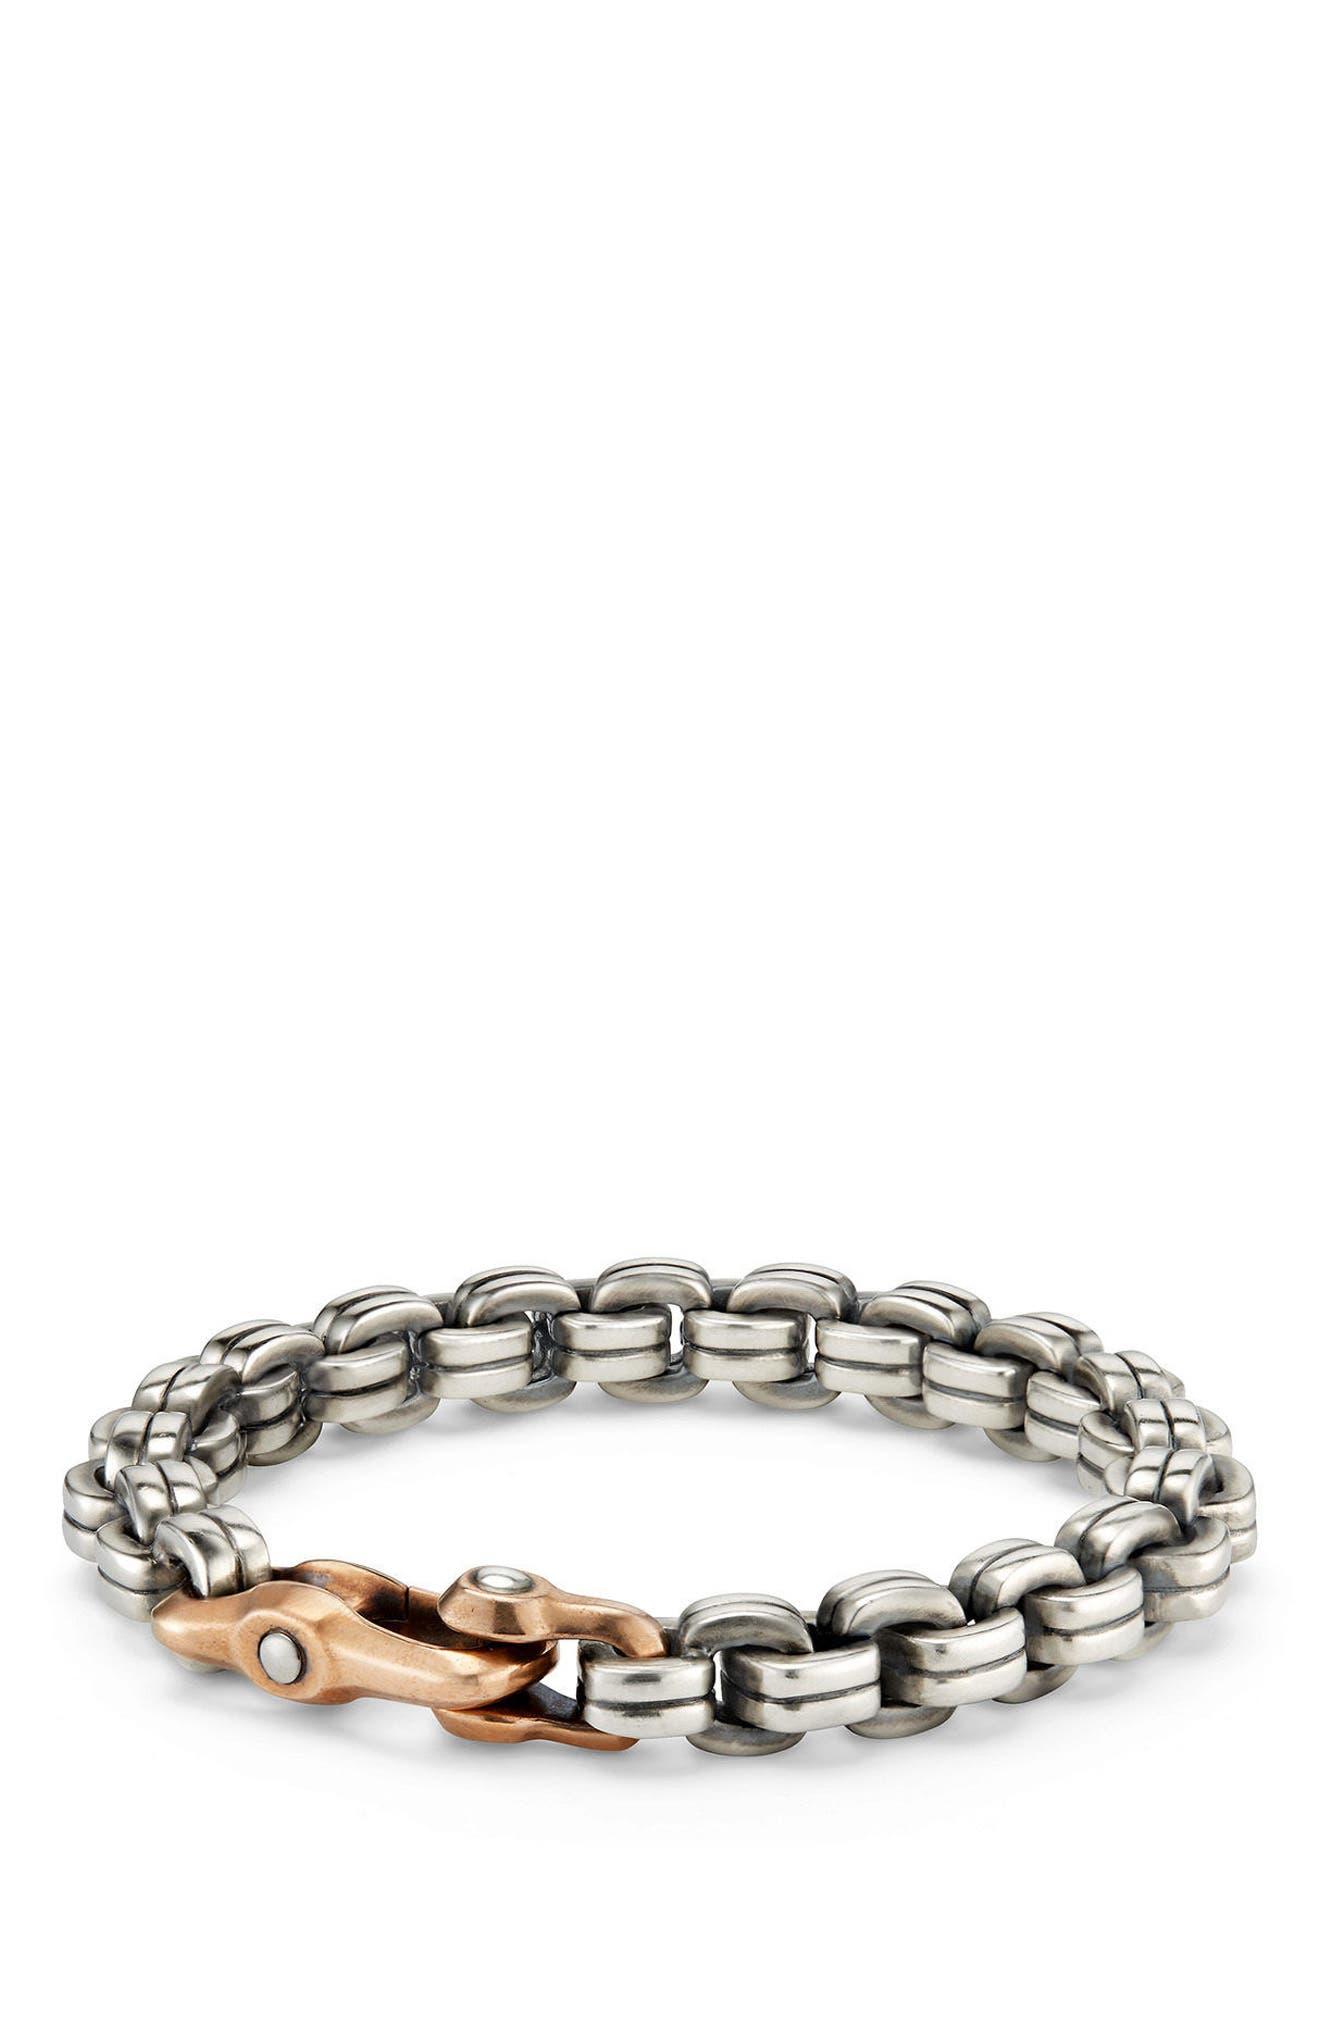 Anvil Chain Bracelet,                         Main,                         color, SILVER/ BRONZE